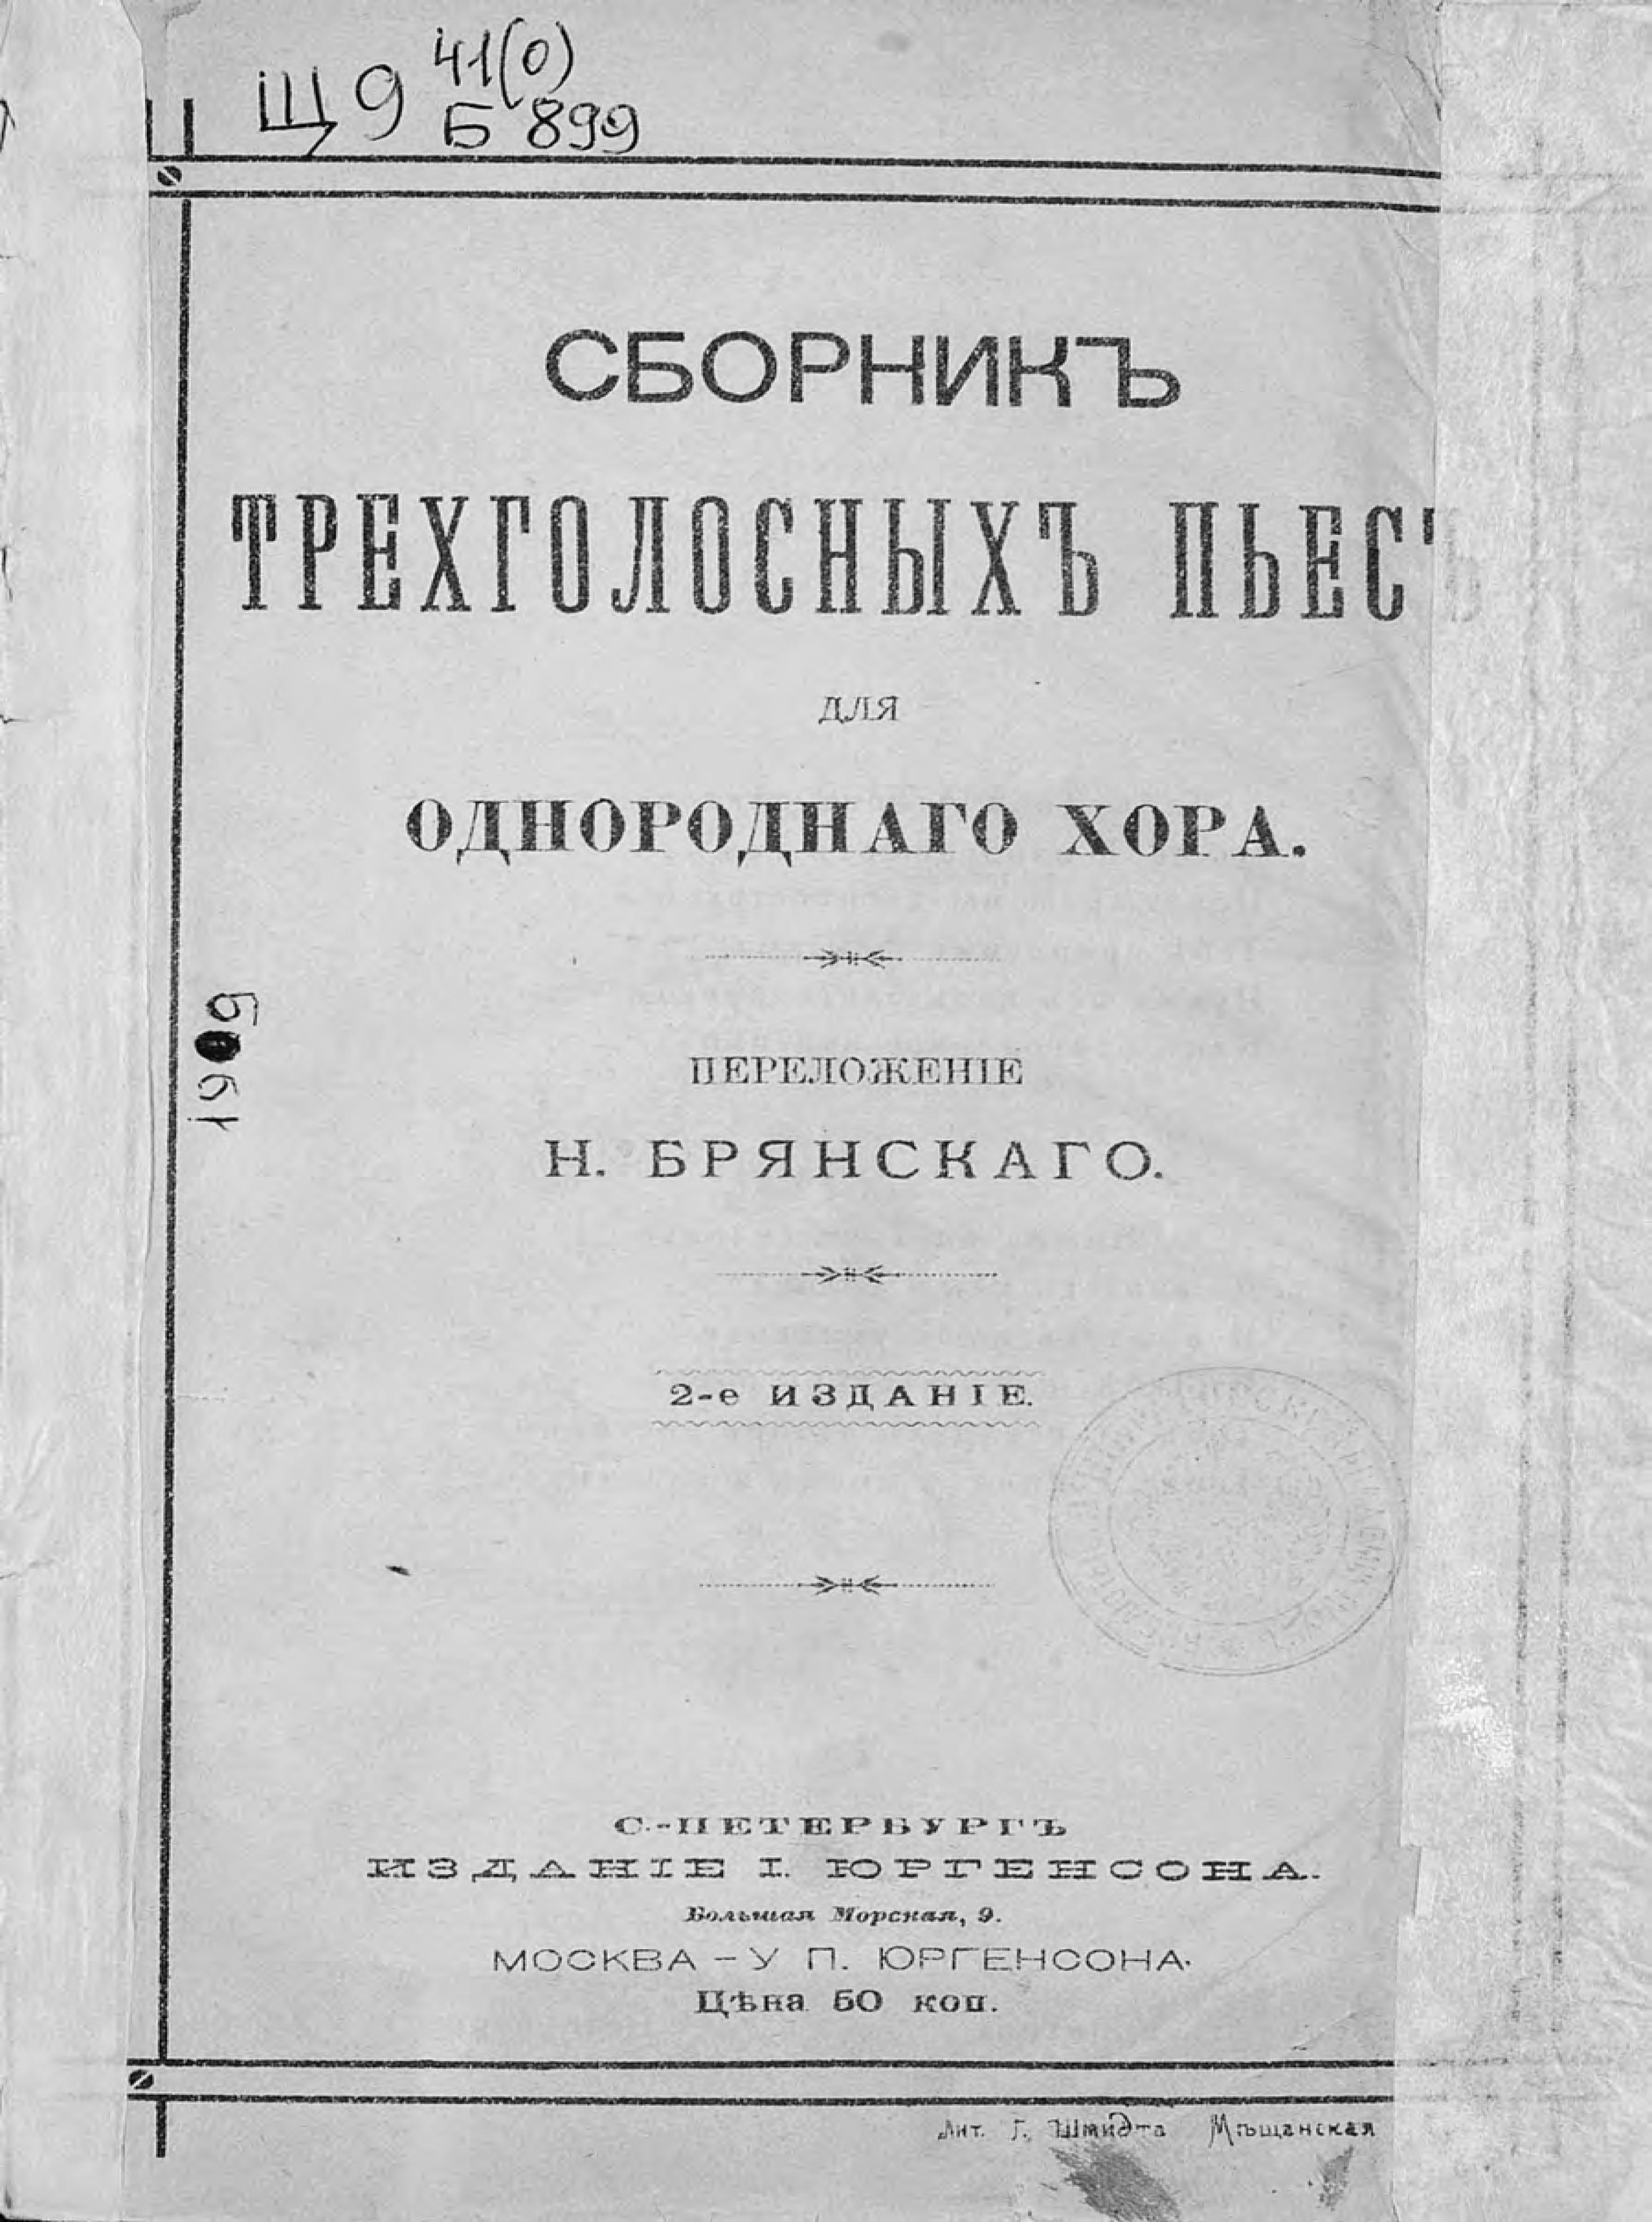 Народное творчество Сборник трехголосных пьес для однородного хора сборник творчество